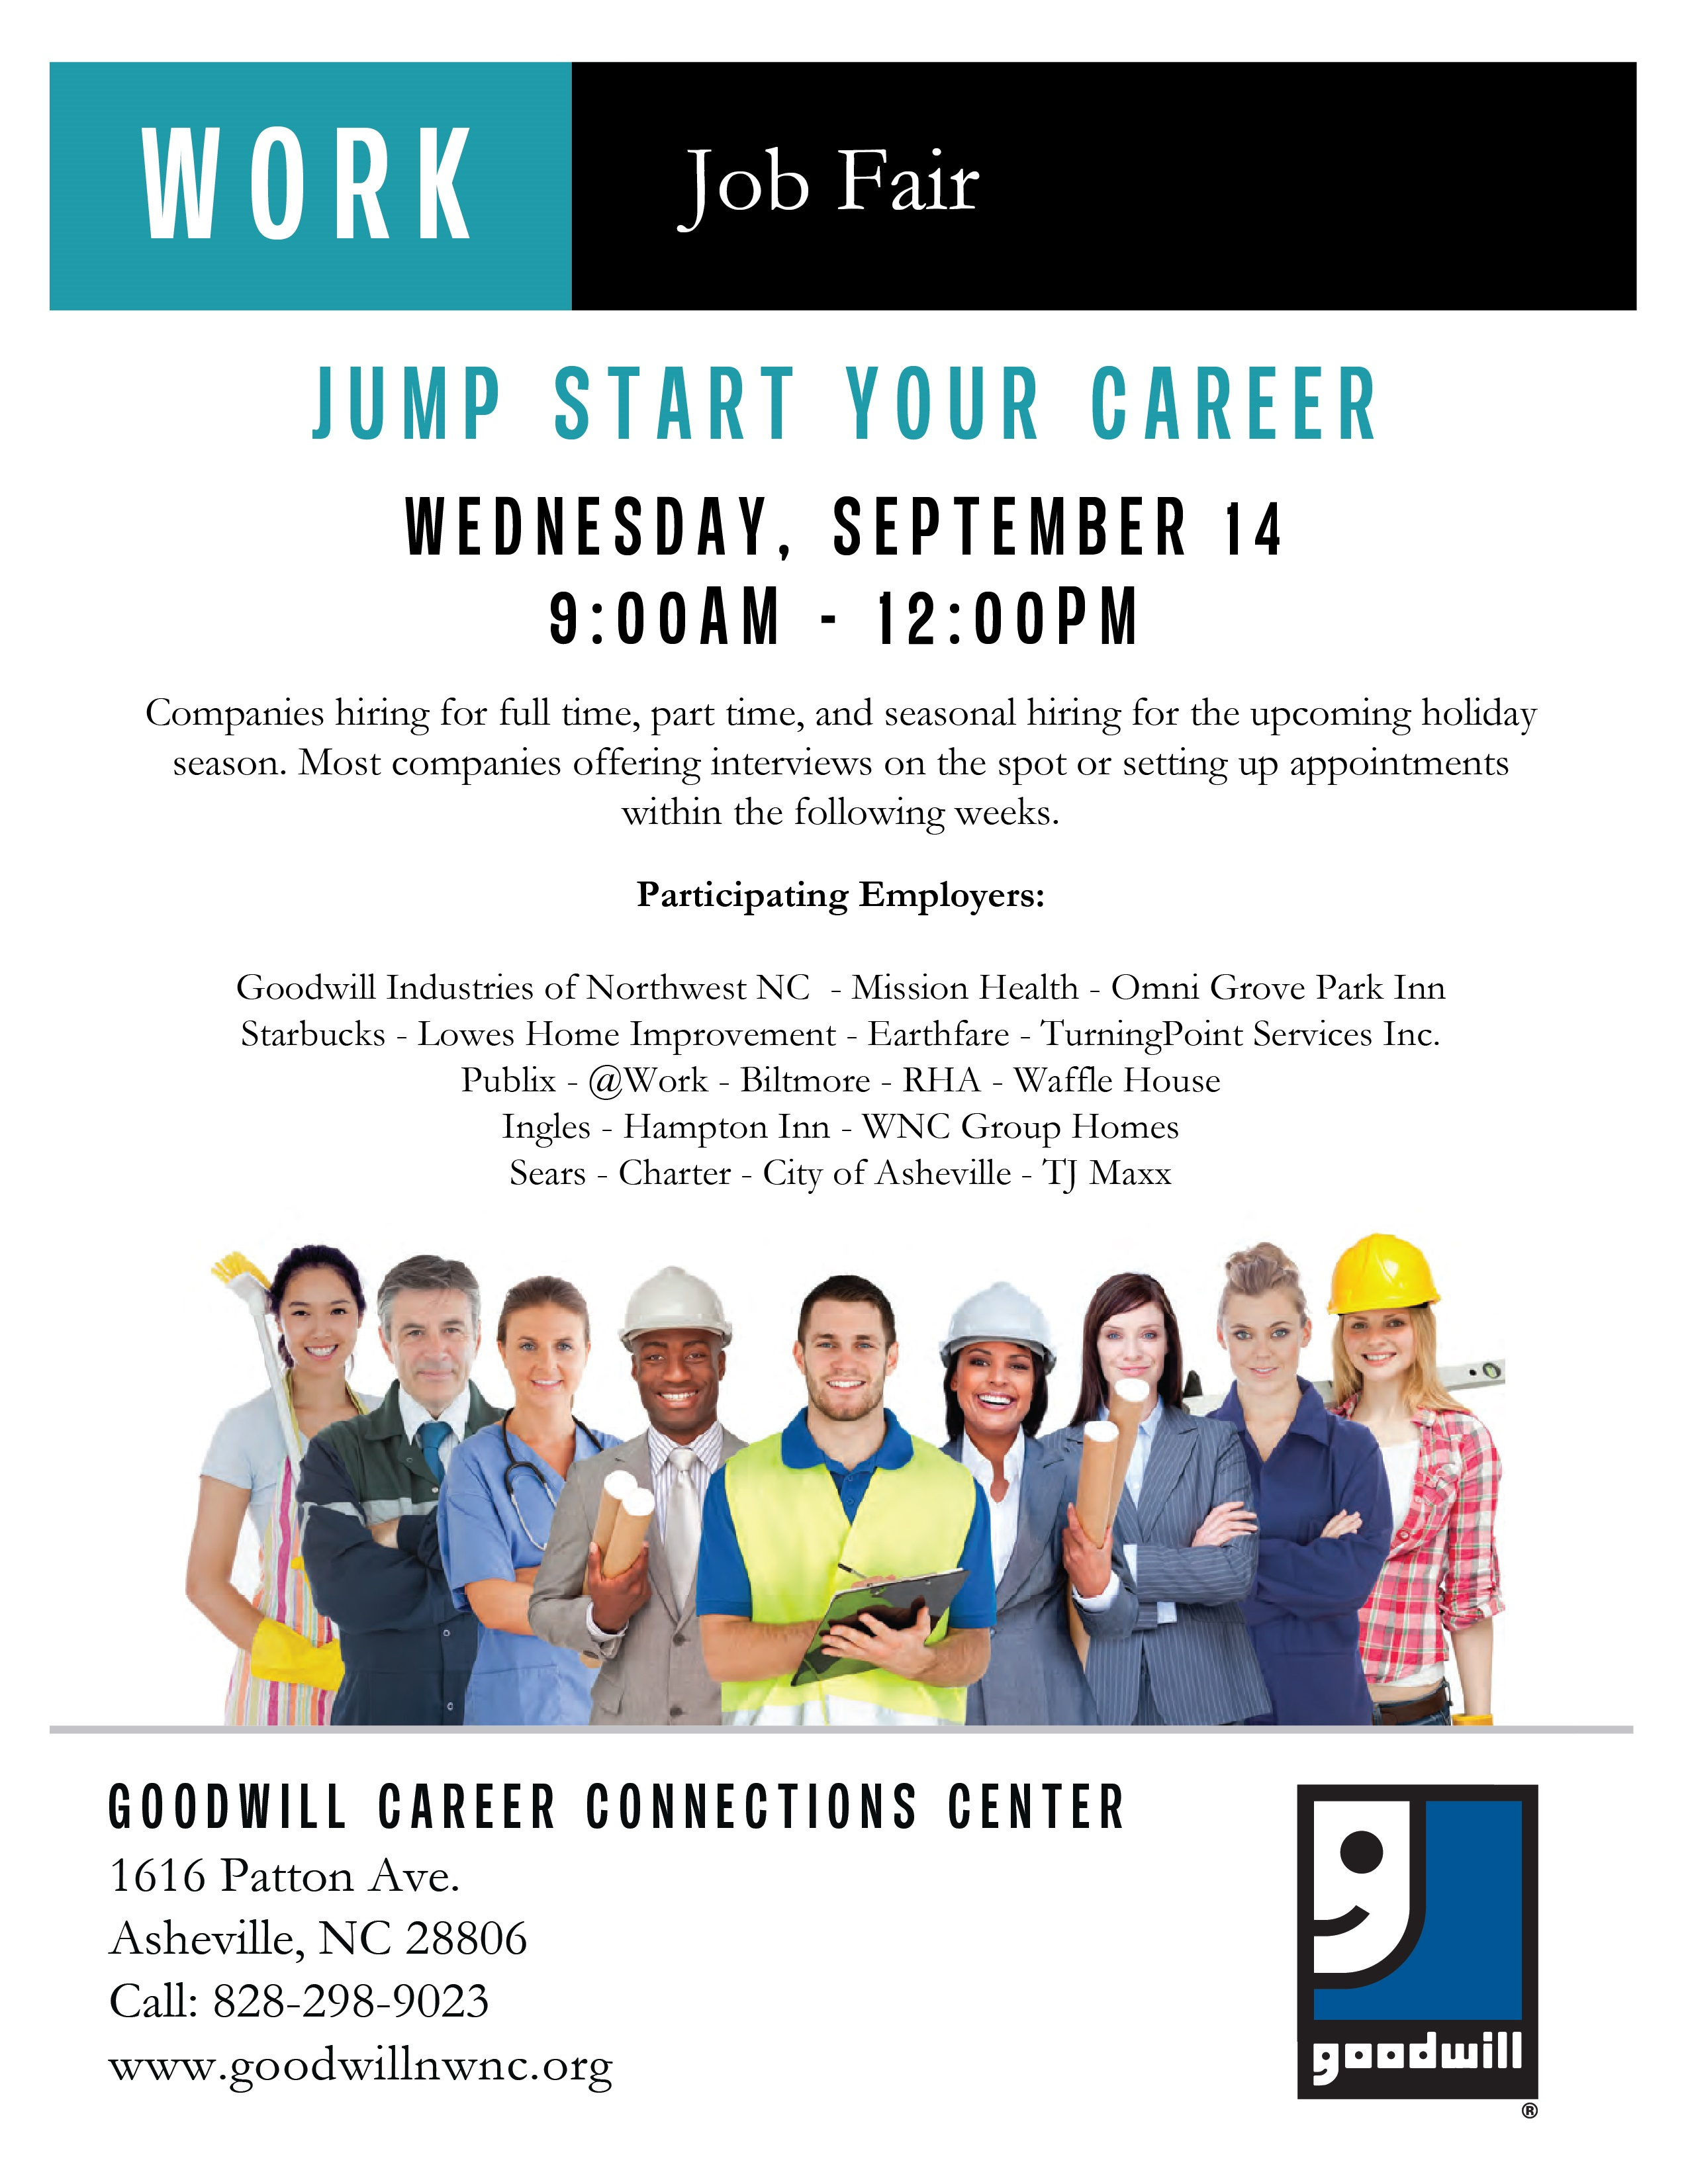 goodwill career connections center hosting a career fair asheville job fair 14 01 002